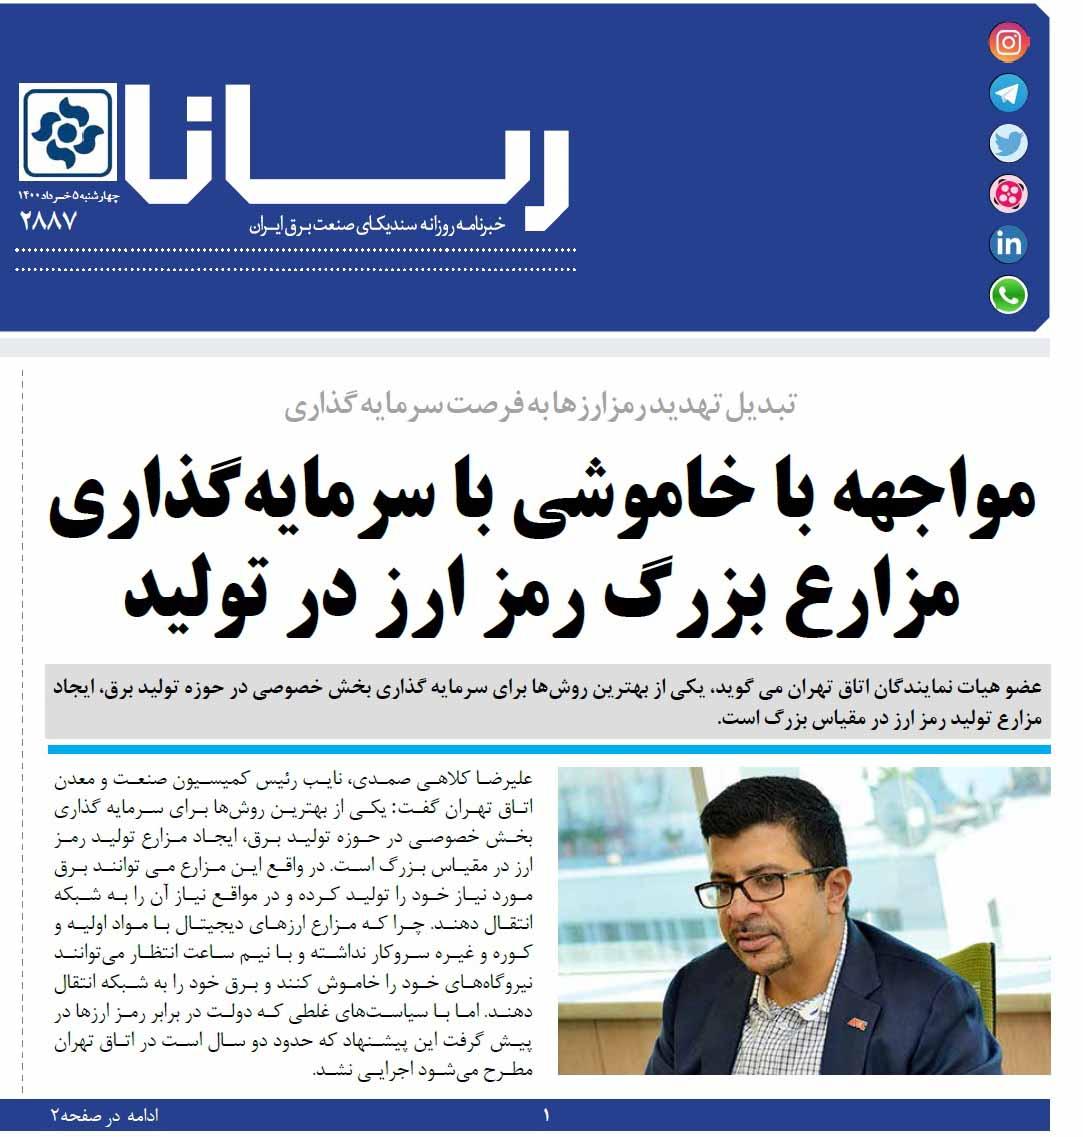 خبرنامه سندیکای صنعت برق ایران